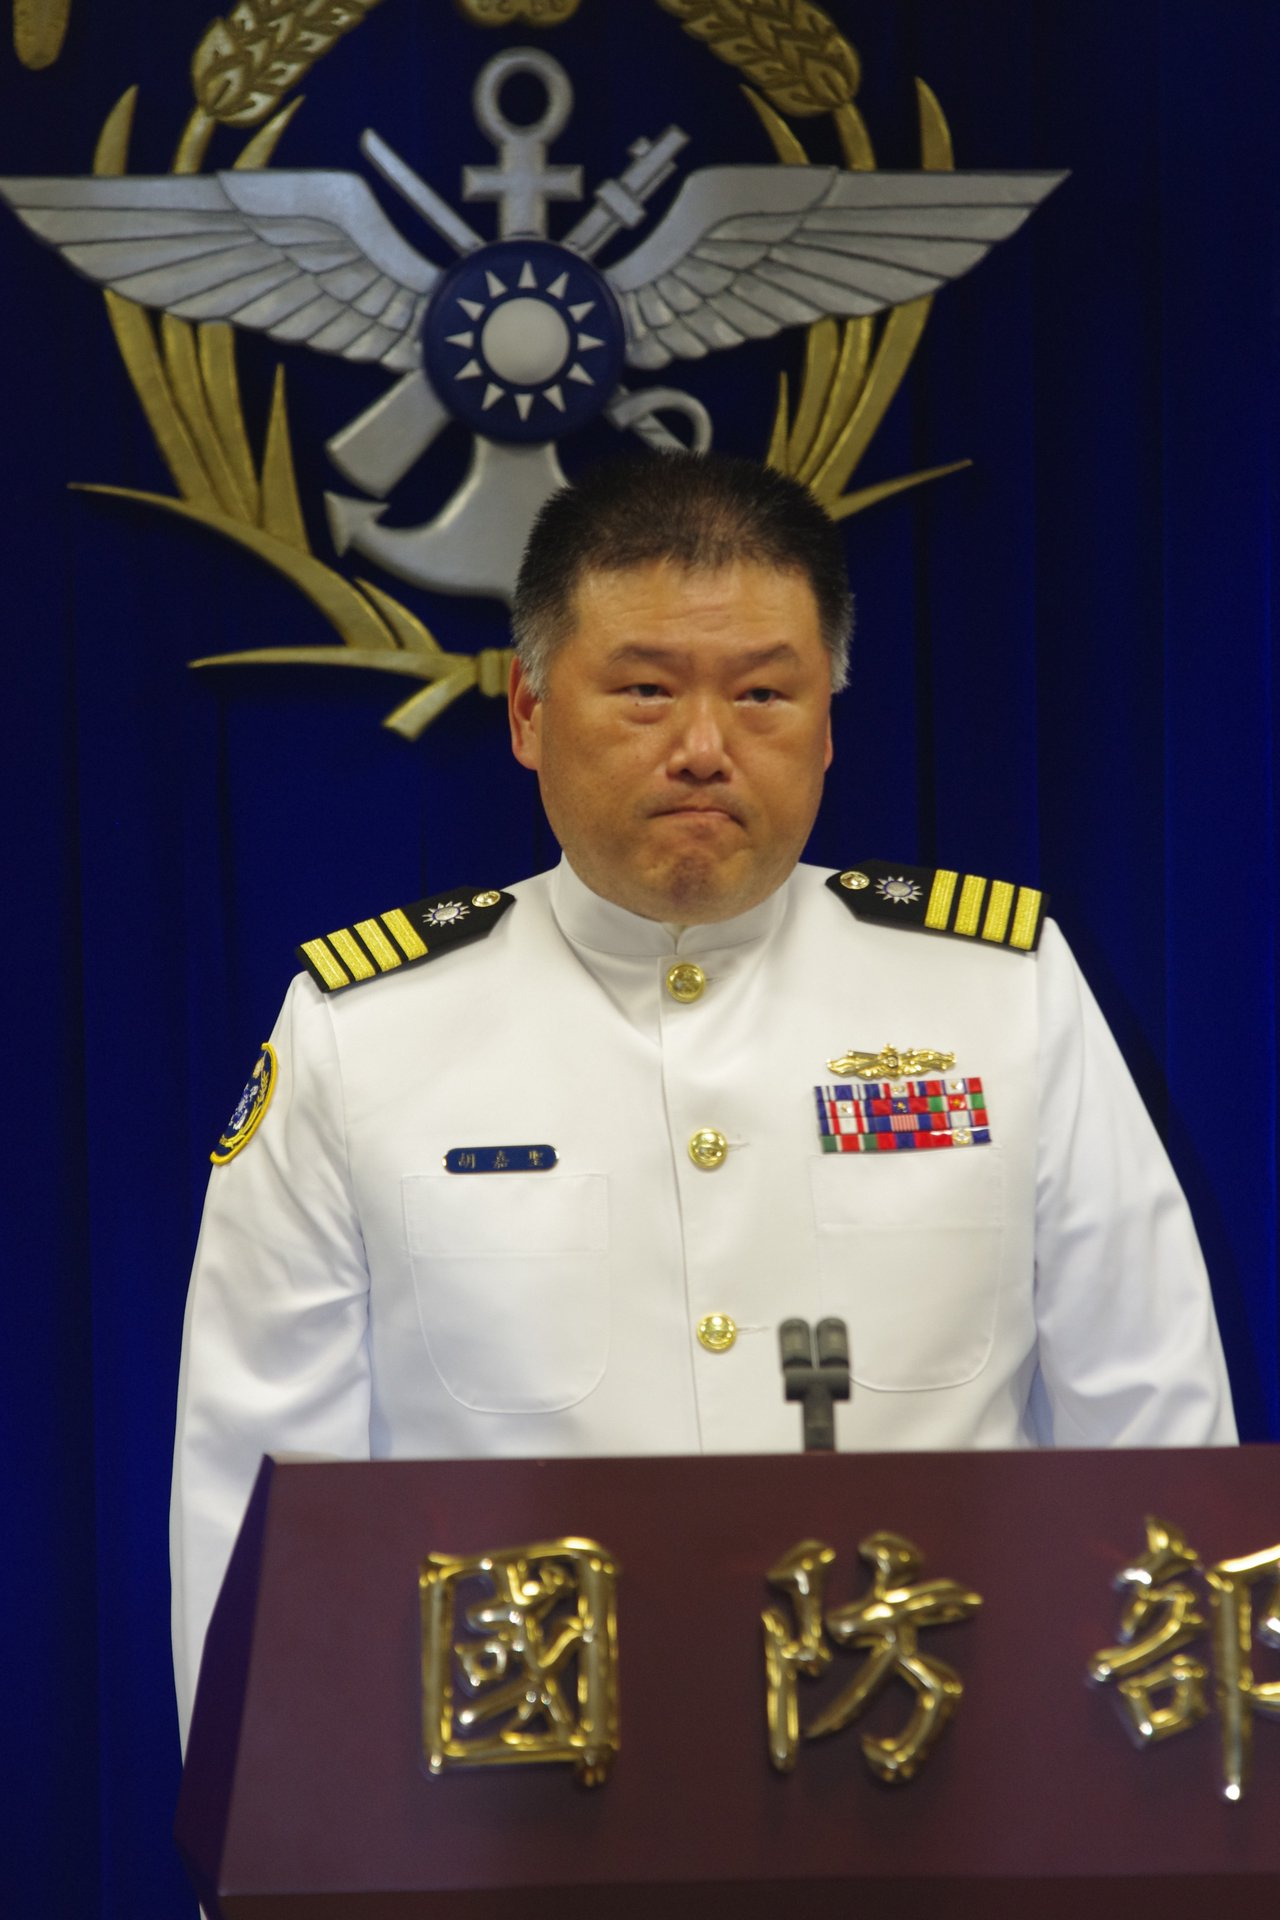 海軍計畫處副處長胡嘉聖,總共被記過兩次、申誡兩次,「災情」最重。資料照,記者程嘉...